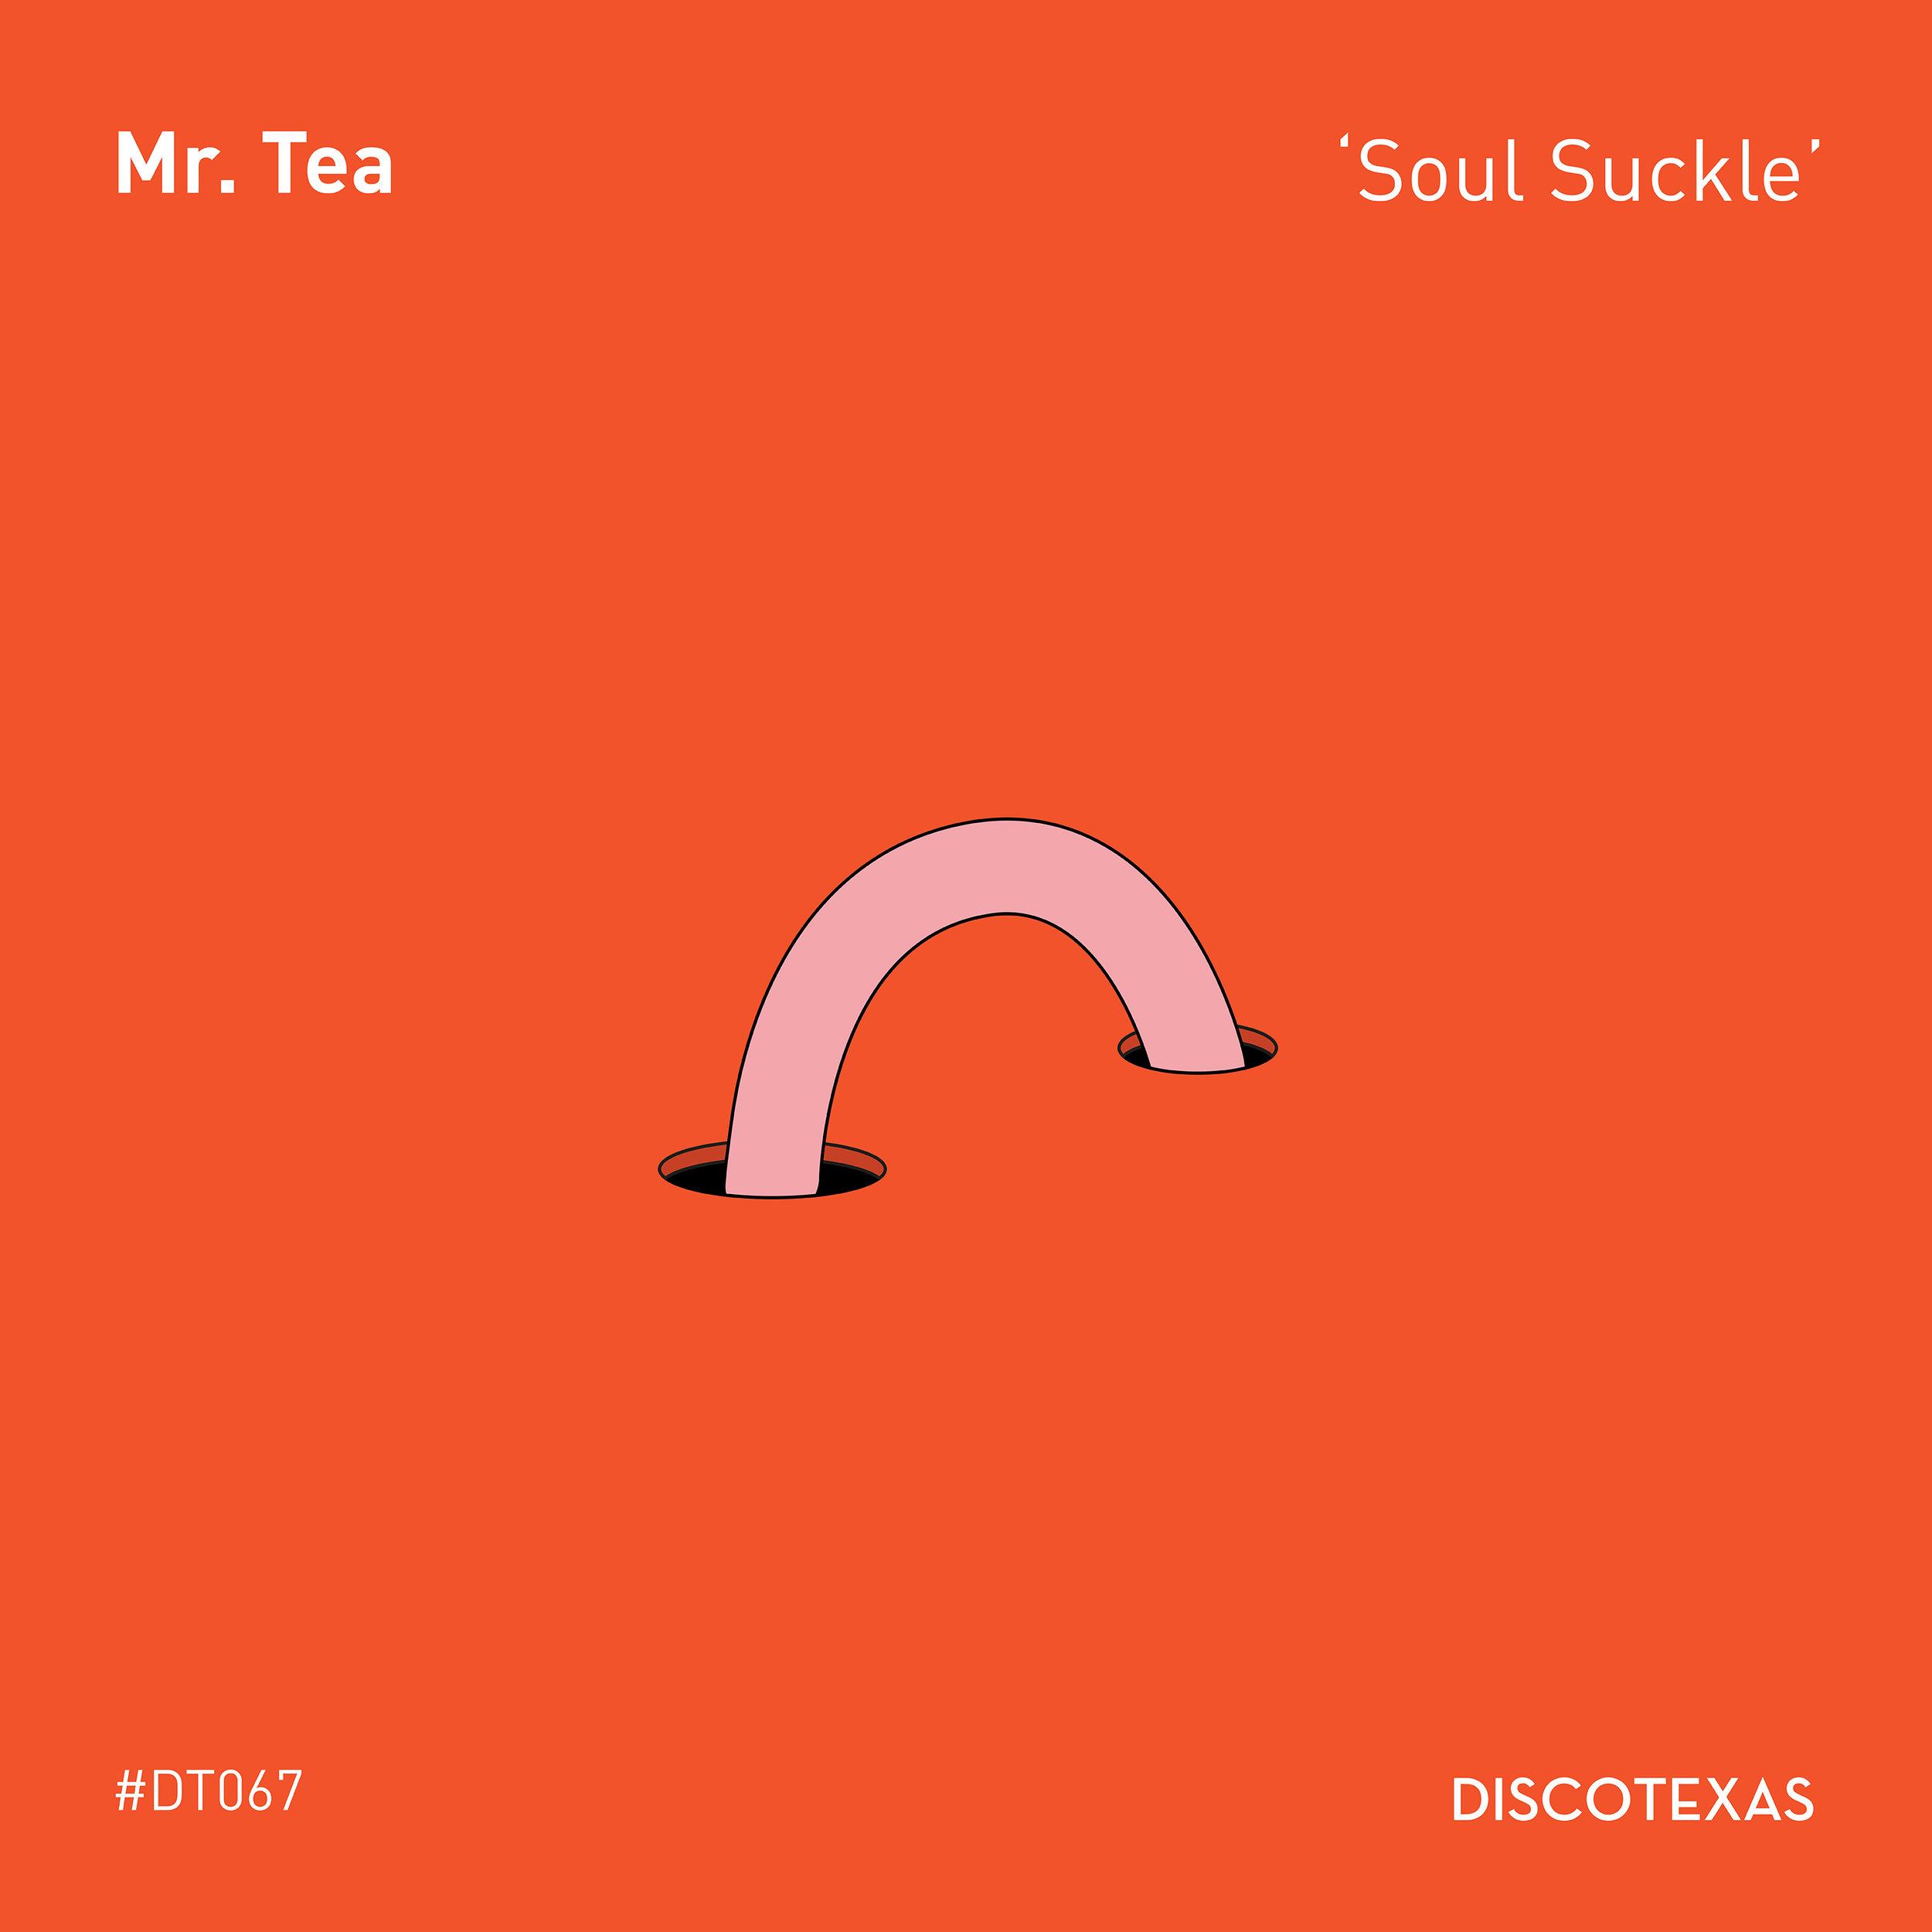 DT067: Mr. Tea - Soul Suckle